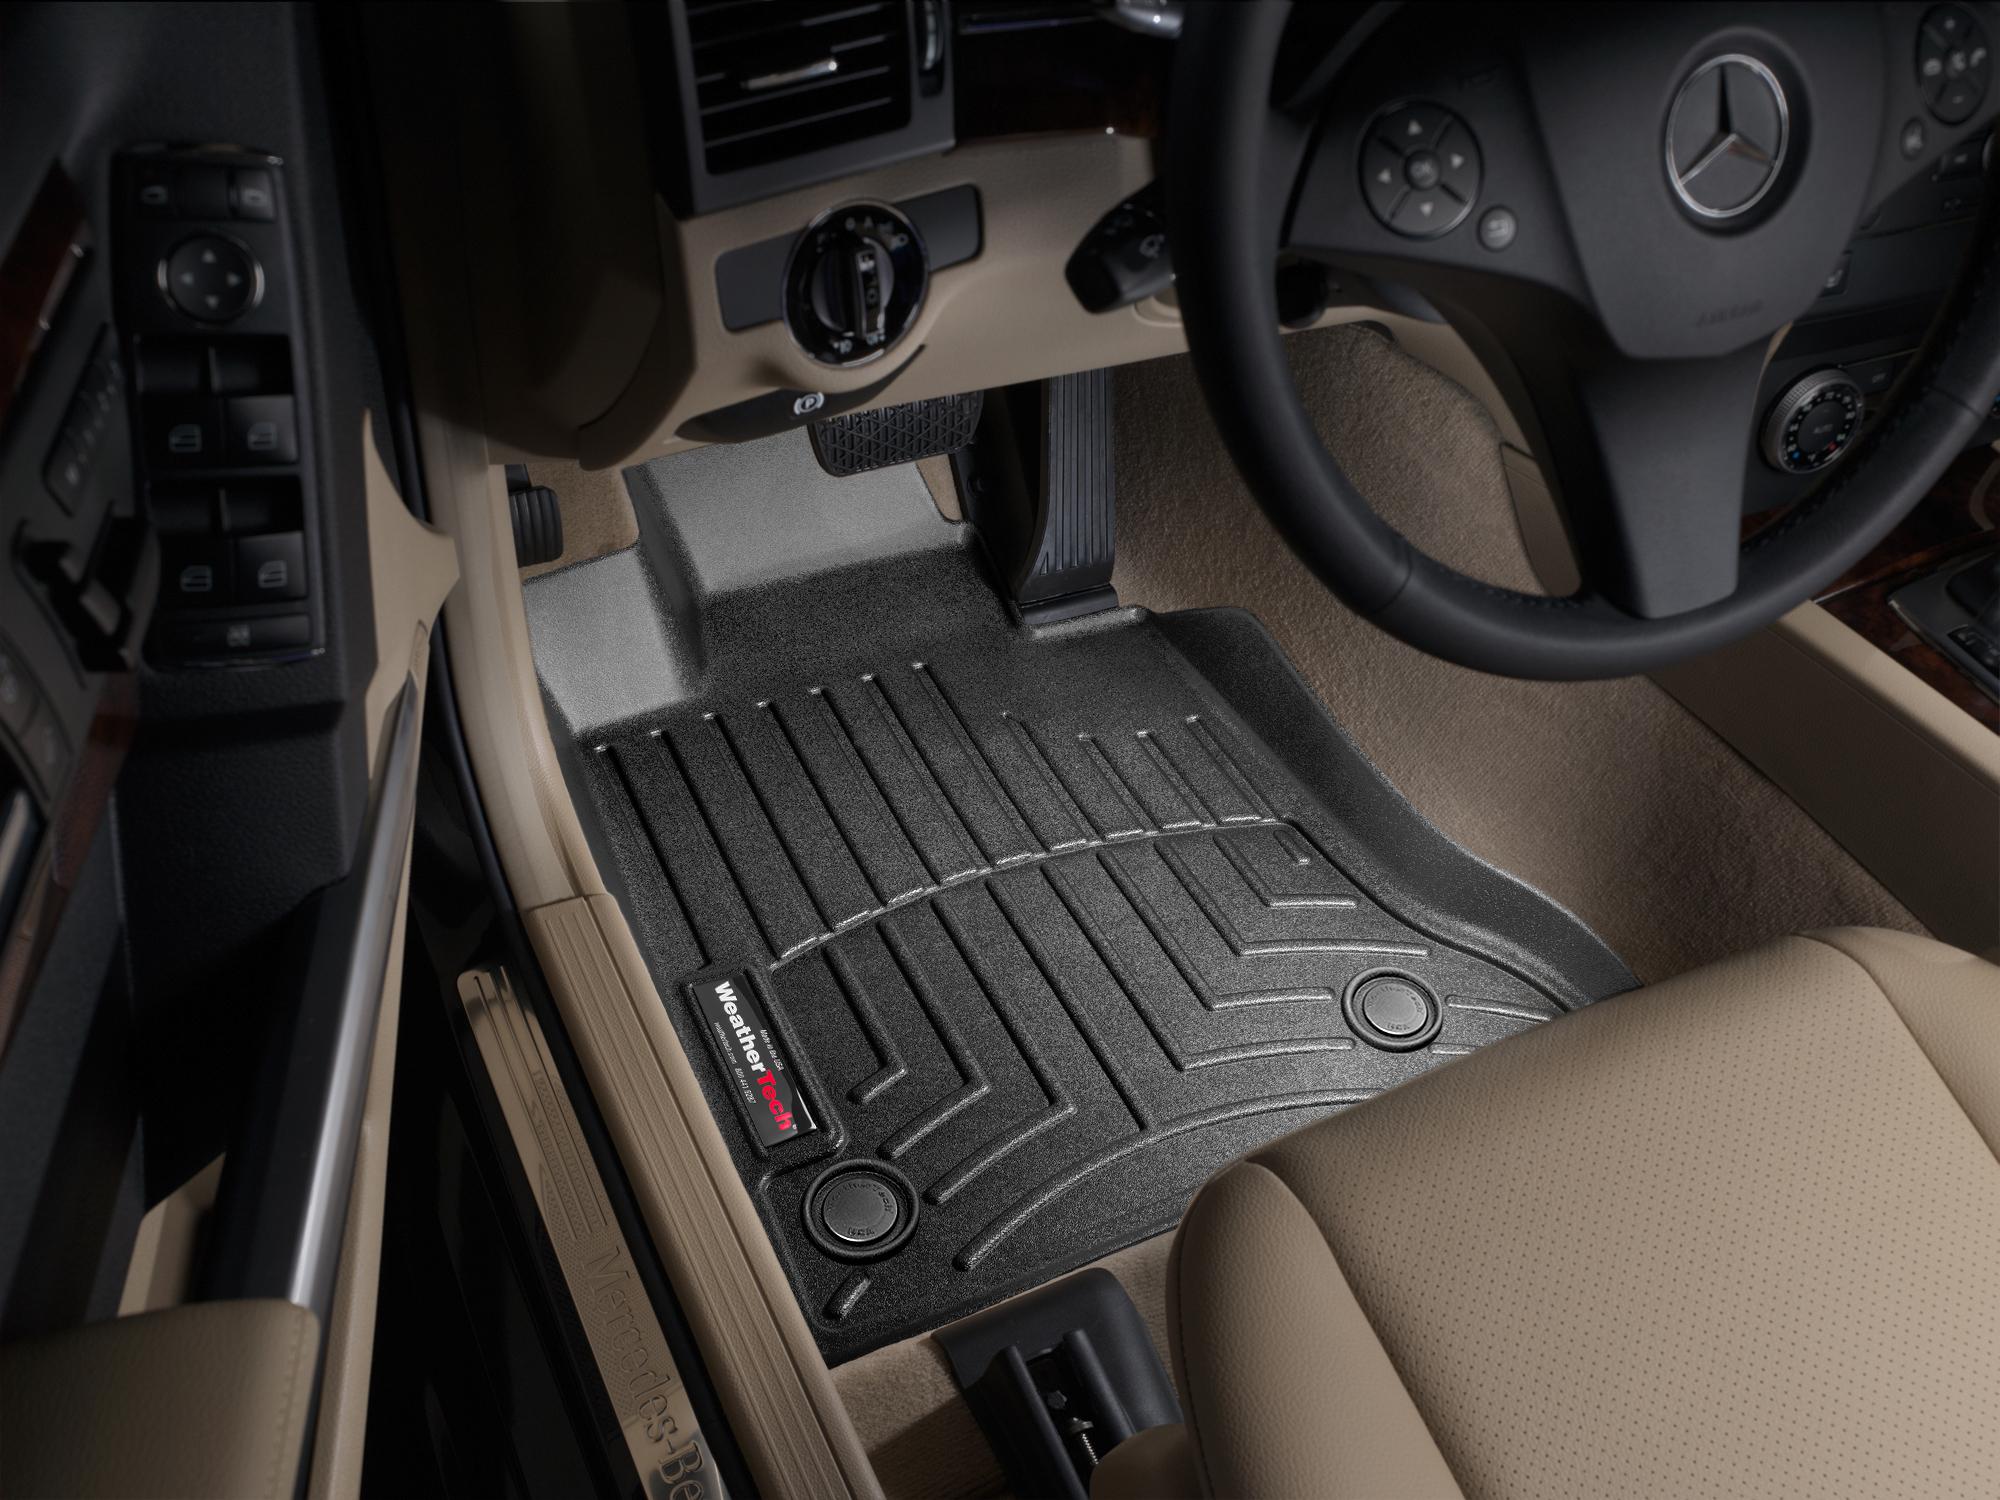 Tappeti gomma su misura bordo alto Mercedes GLK-Class 12>12 Nero A2501